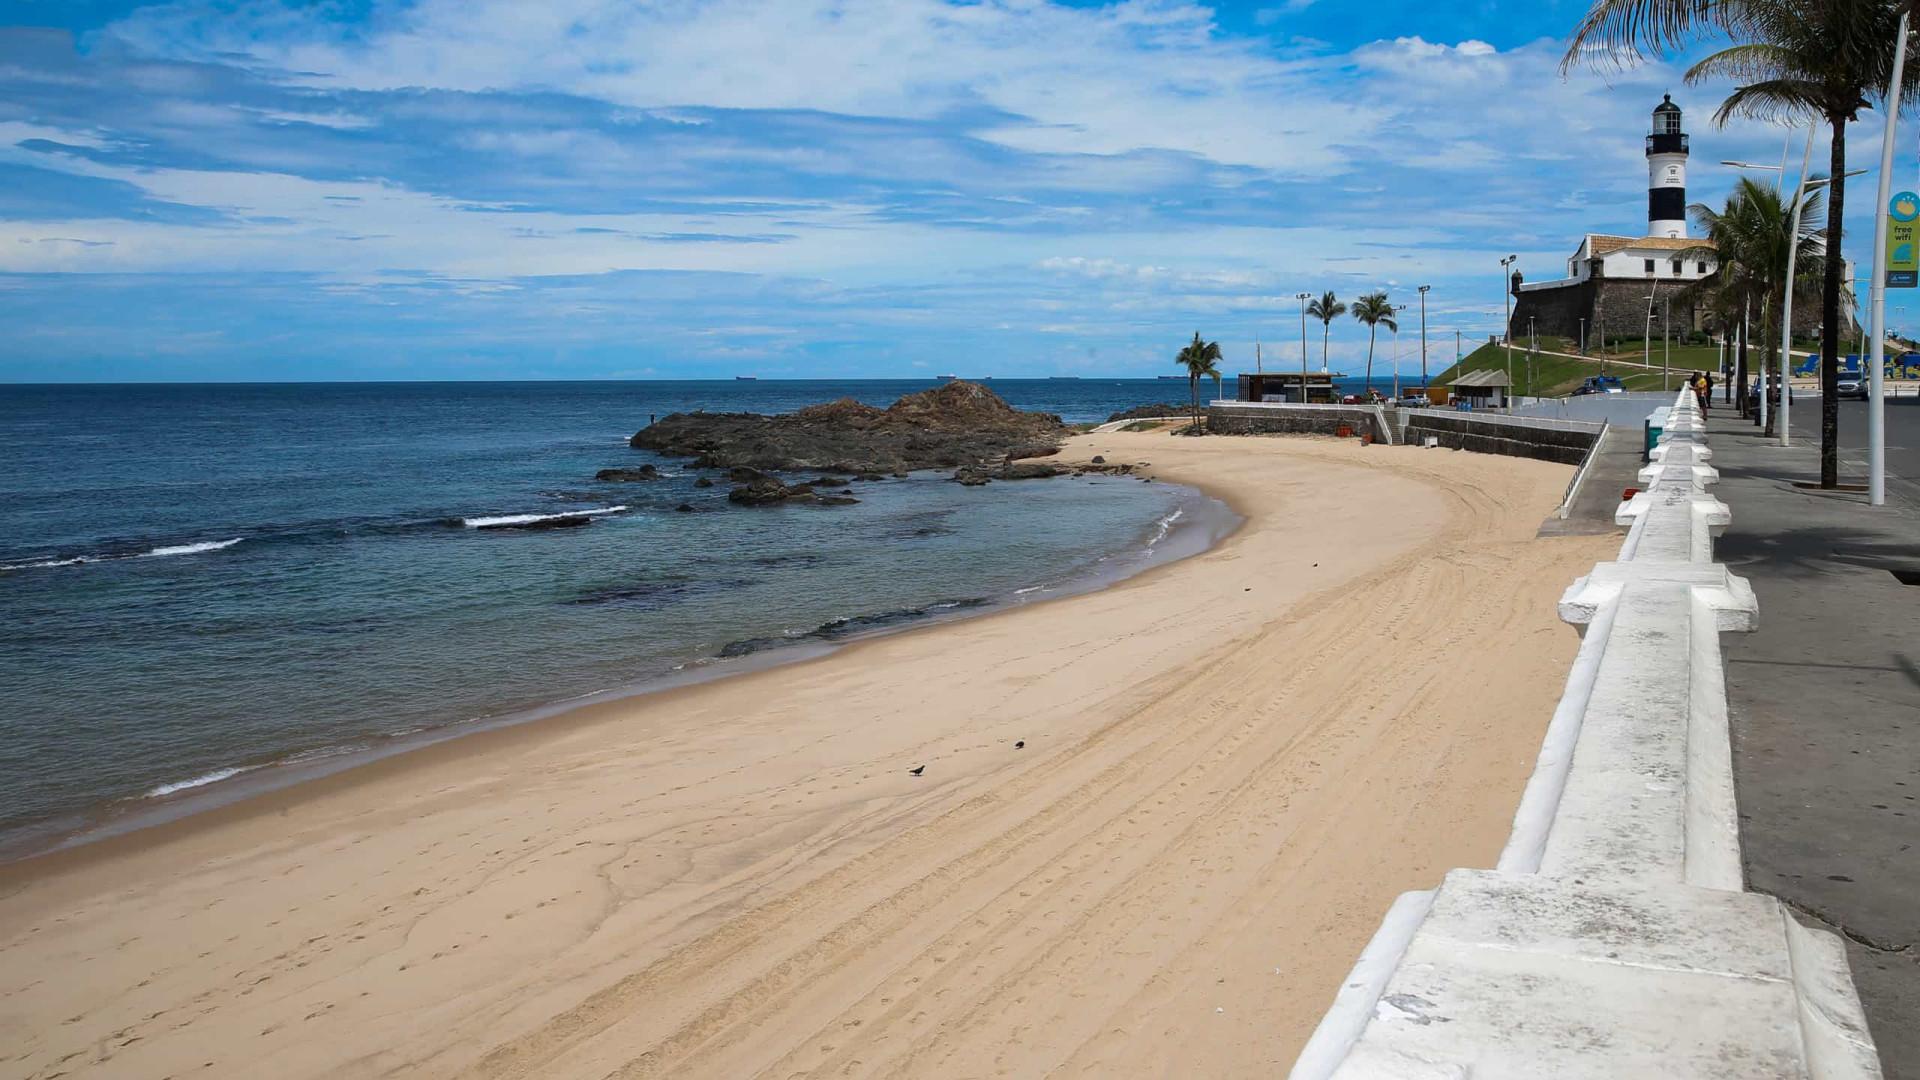 Mais 3 estados adotam restrições como fechamento de praias e toque de recolher contra a Covid-19